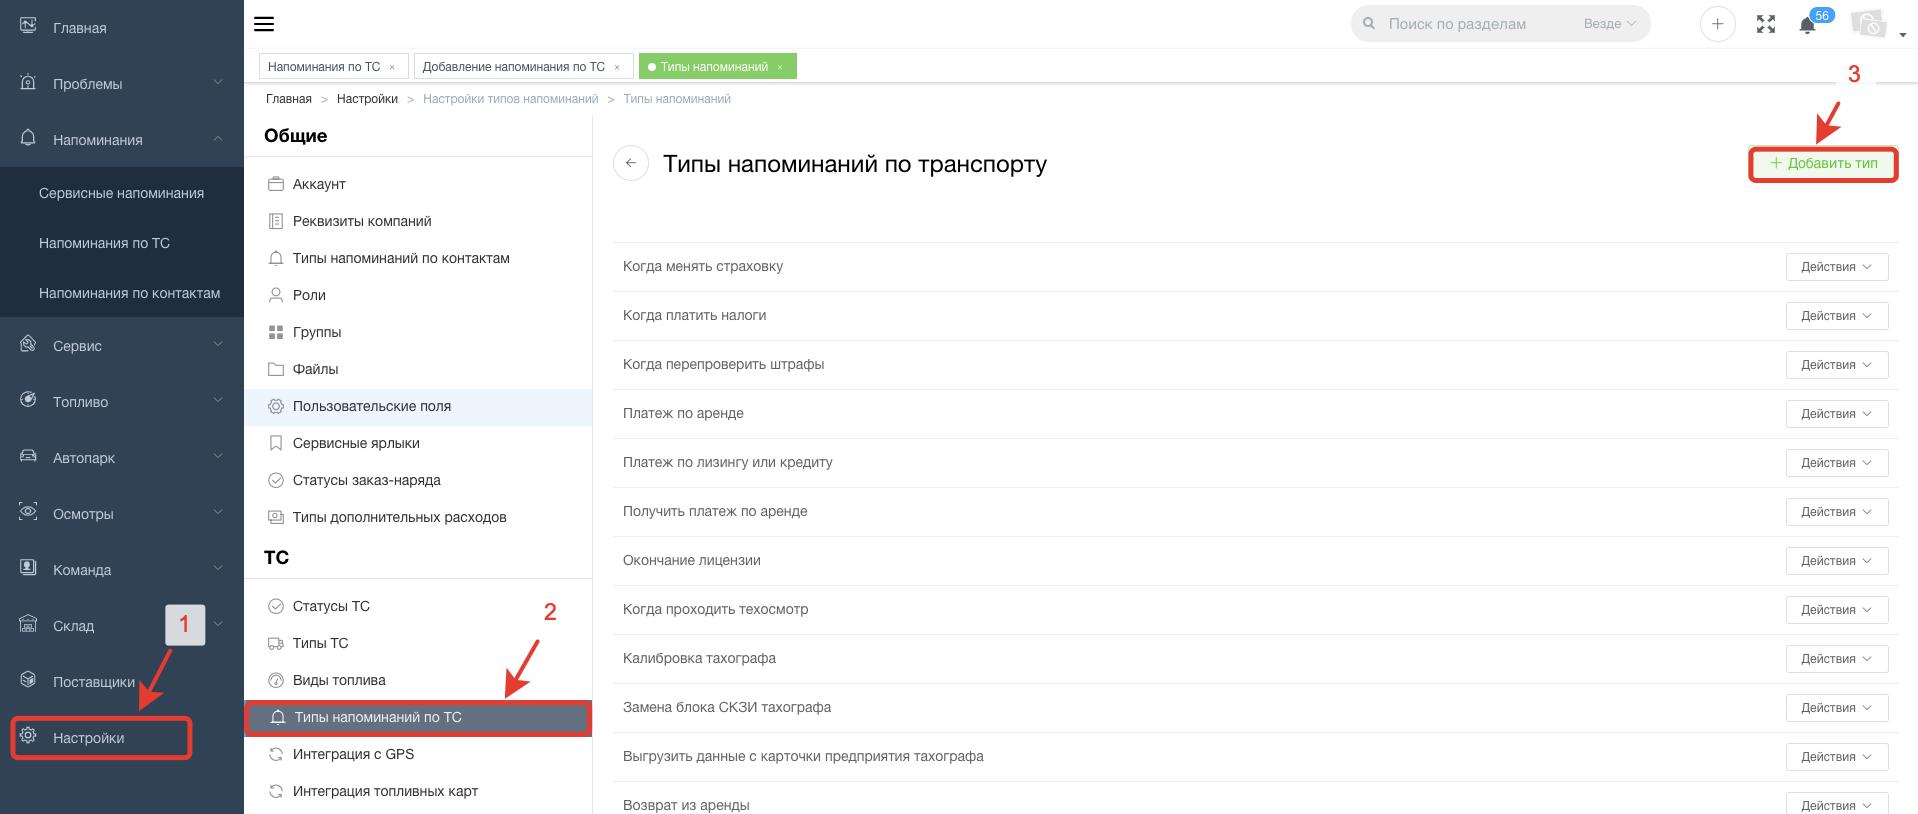 Типы напоминаний по ТС в Завгар Онлайн